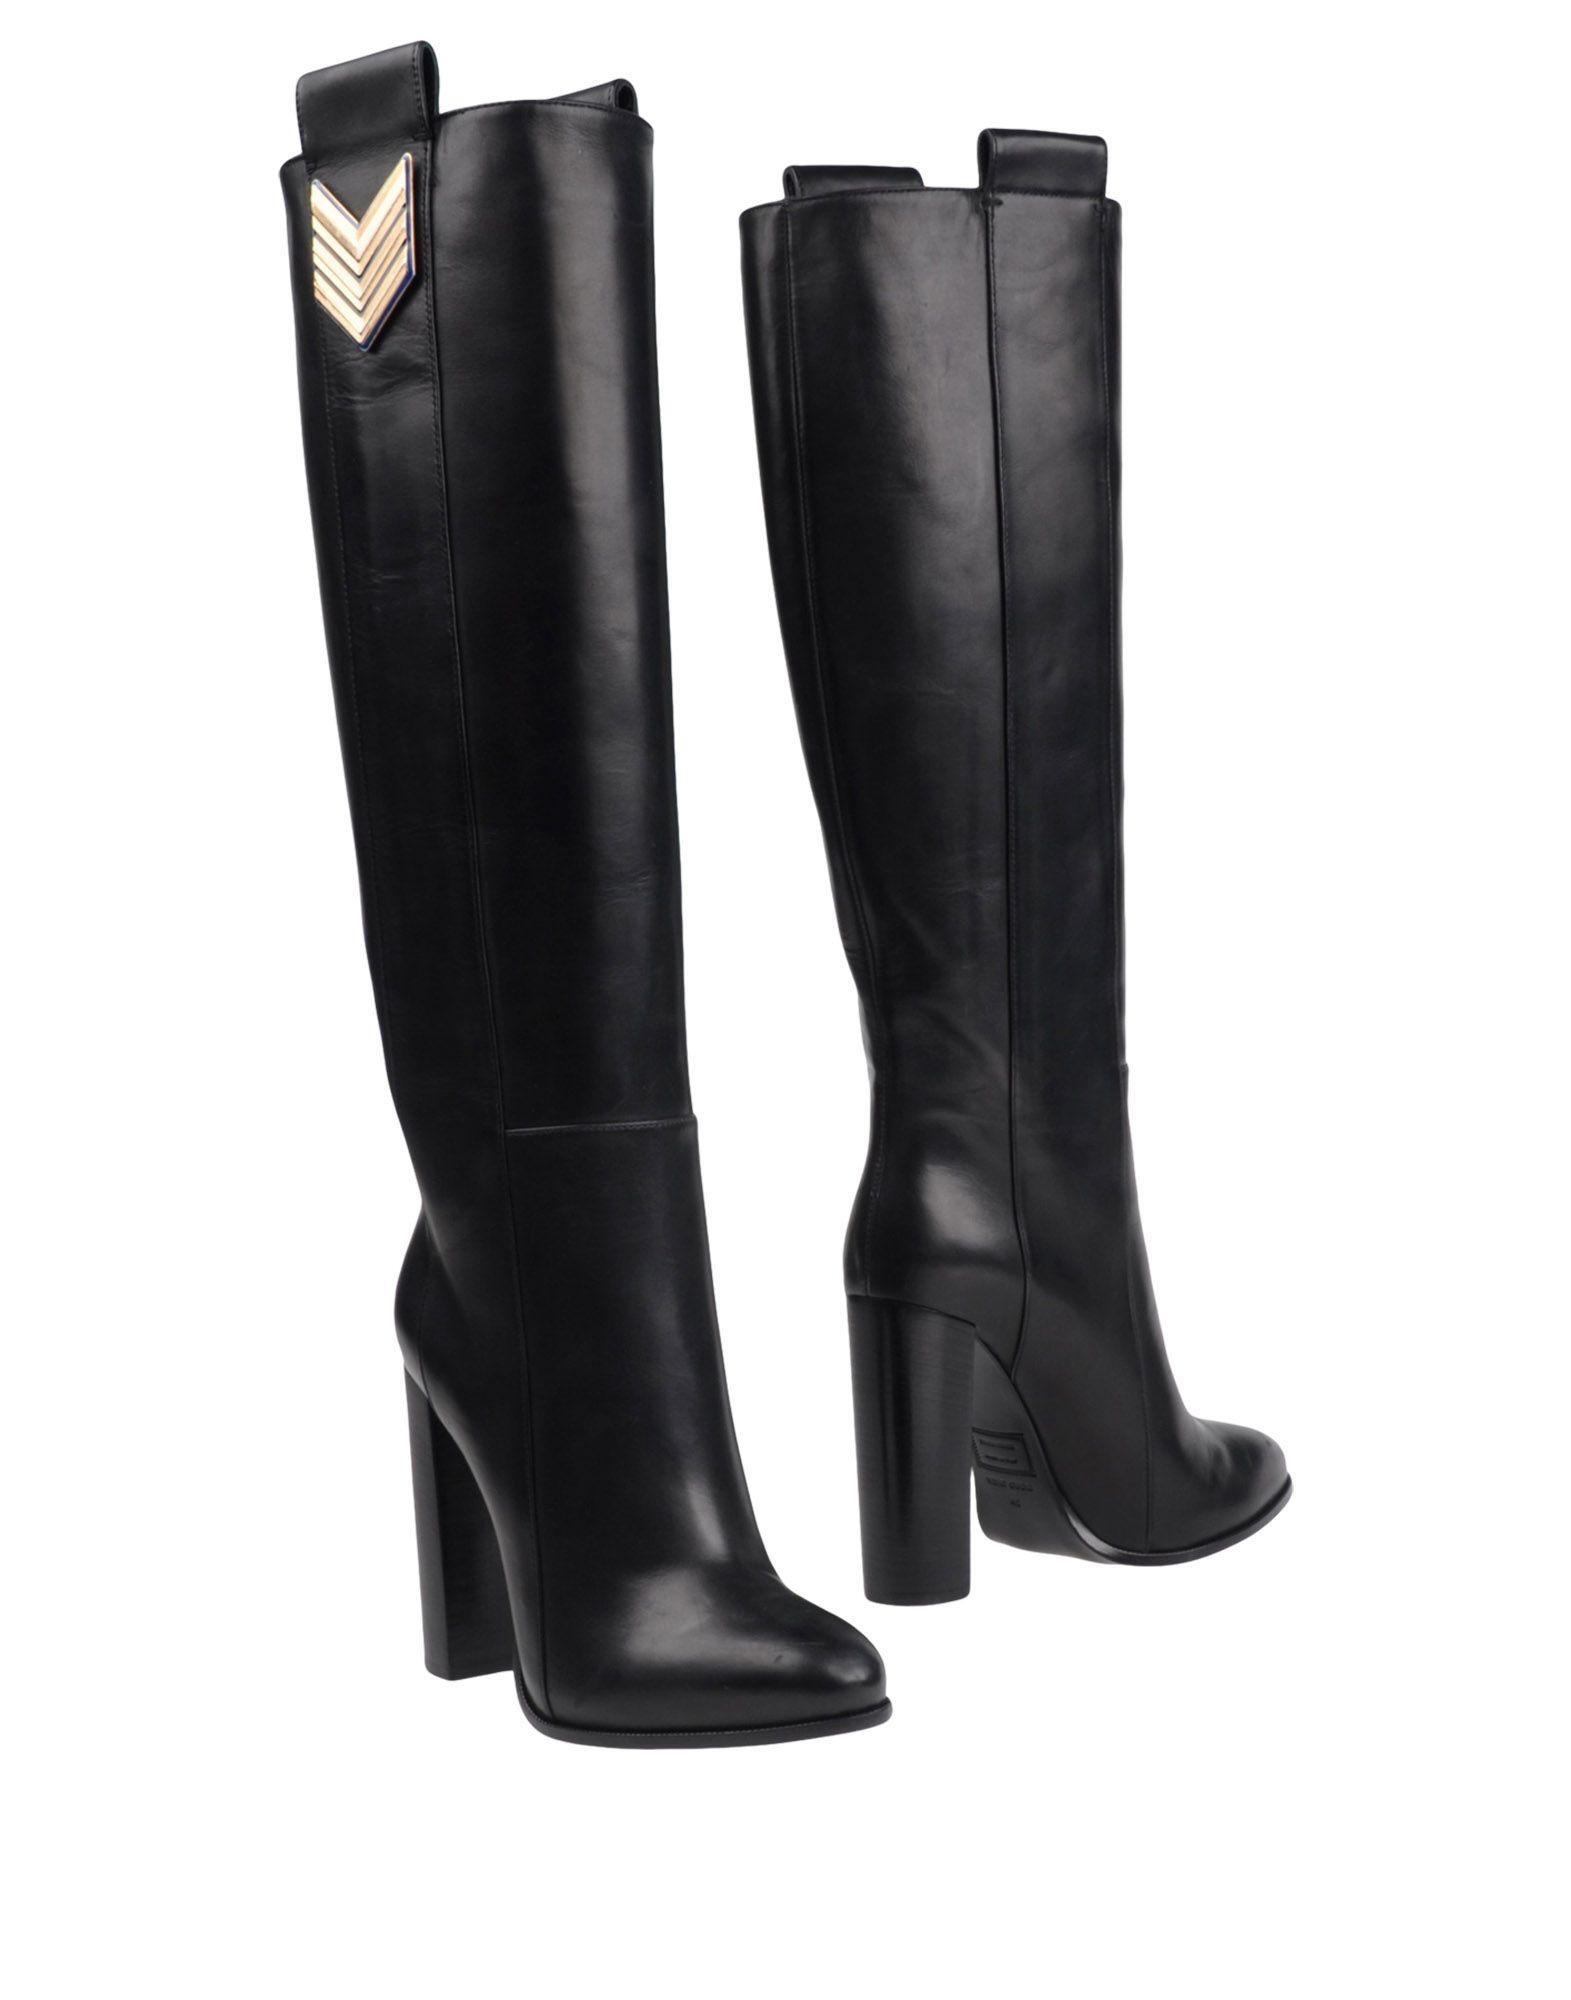 Billig-3364,Dsquared2 Stiefel Damen es Gutes Preis-Leistungs-Verhältnis, es Damen lohnt sich 05e094